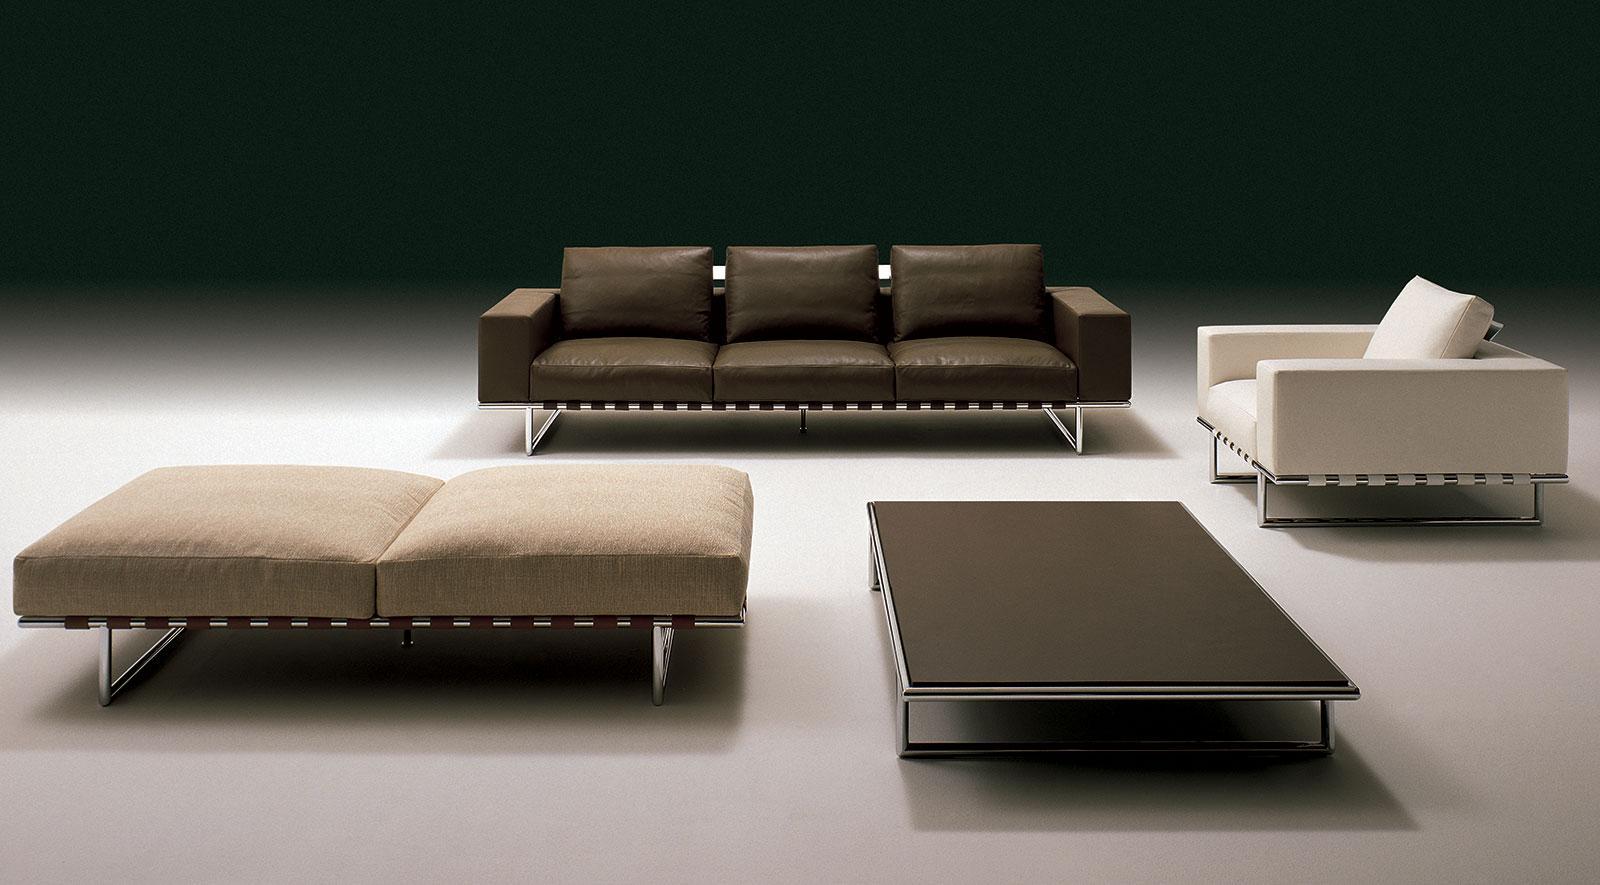 canape cuir blanc fixe places gris clair noir original orange design haut gamme luxe maison magasin salon meuble contemporains vente site italiens qualité